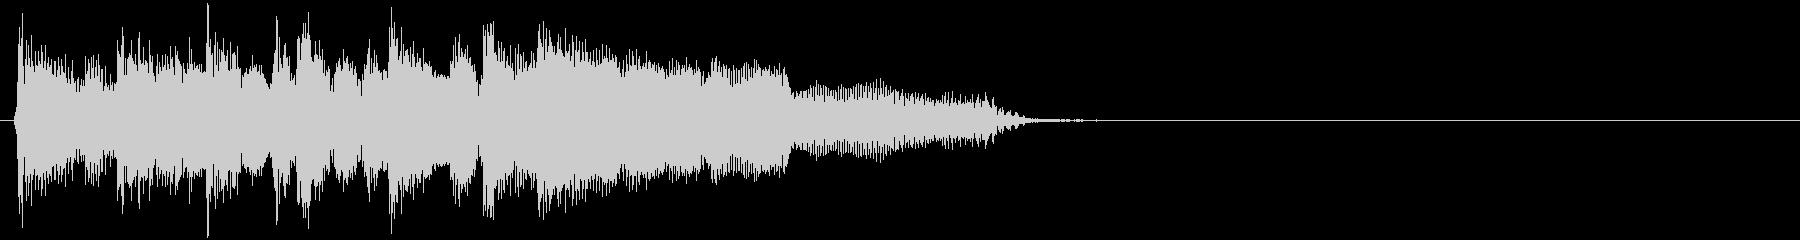 ブルージーなハーモニカの未再生の波形